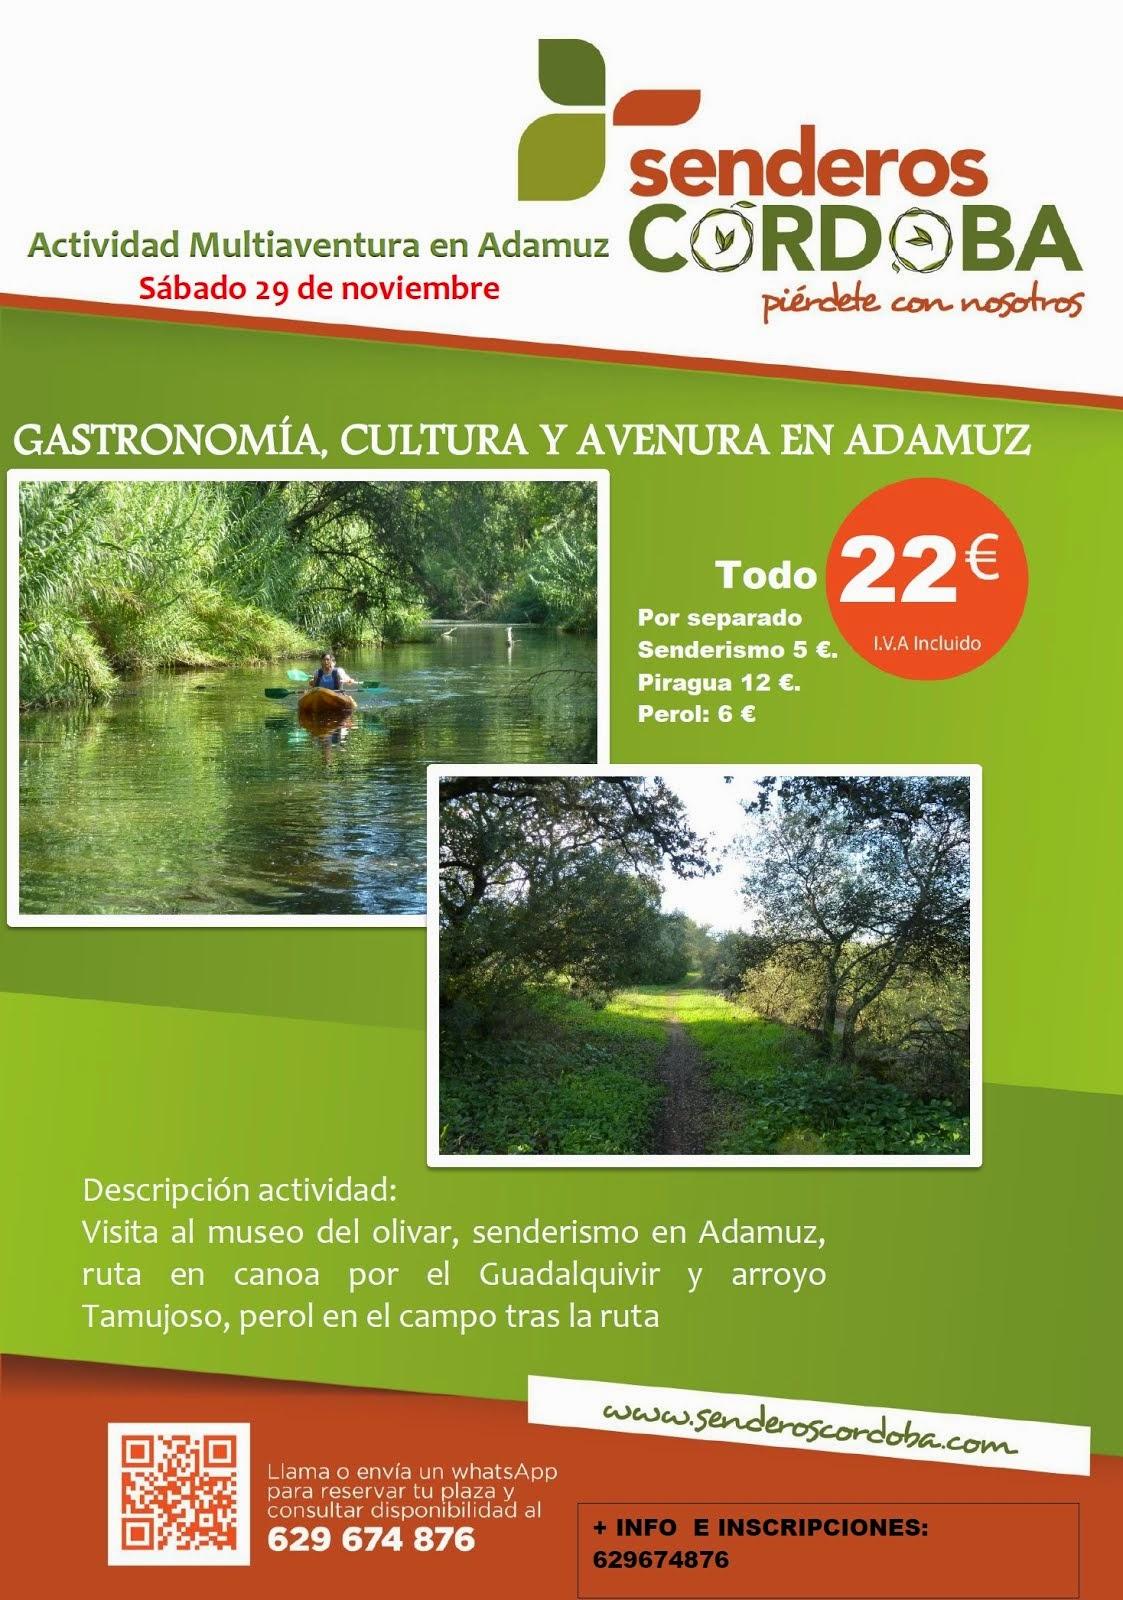 Gastronomía, cultura y aventura en Adamuz